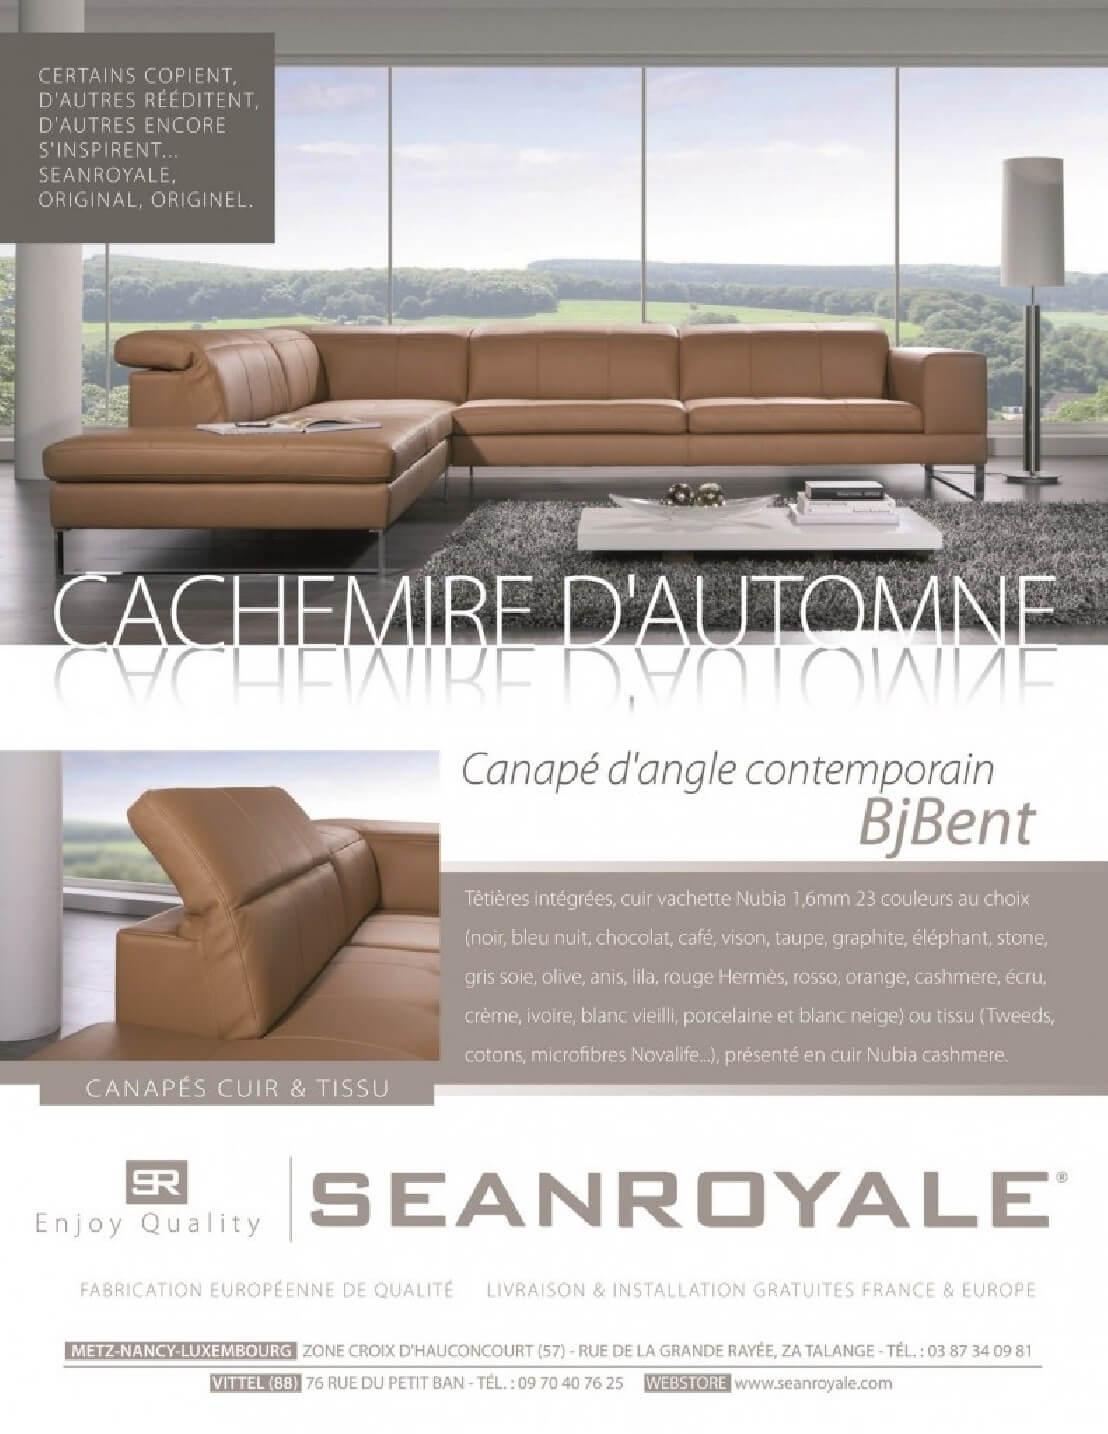 Canape 4 5 Places Design En Cuir D Angle Bjbent